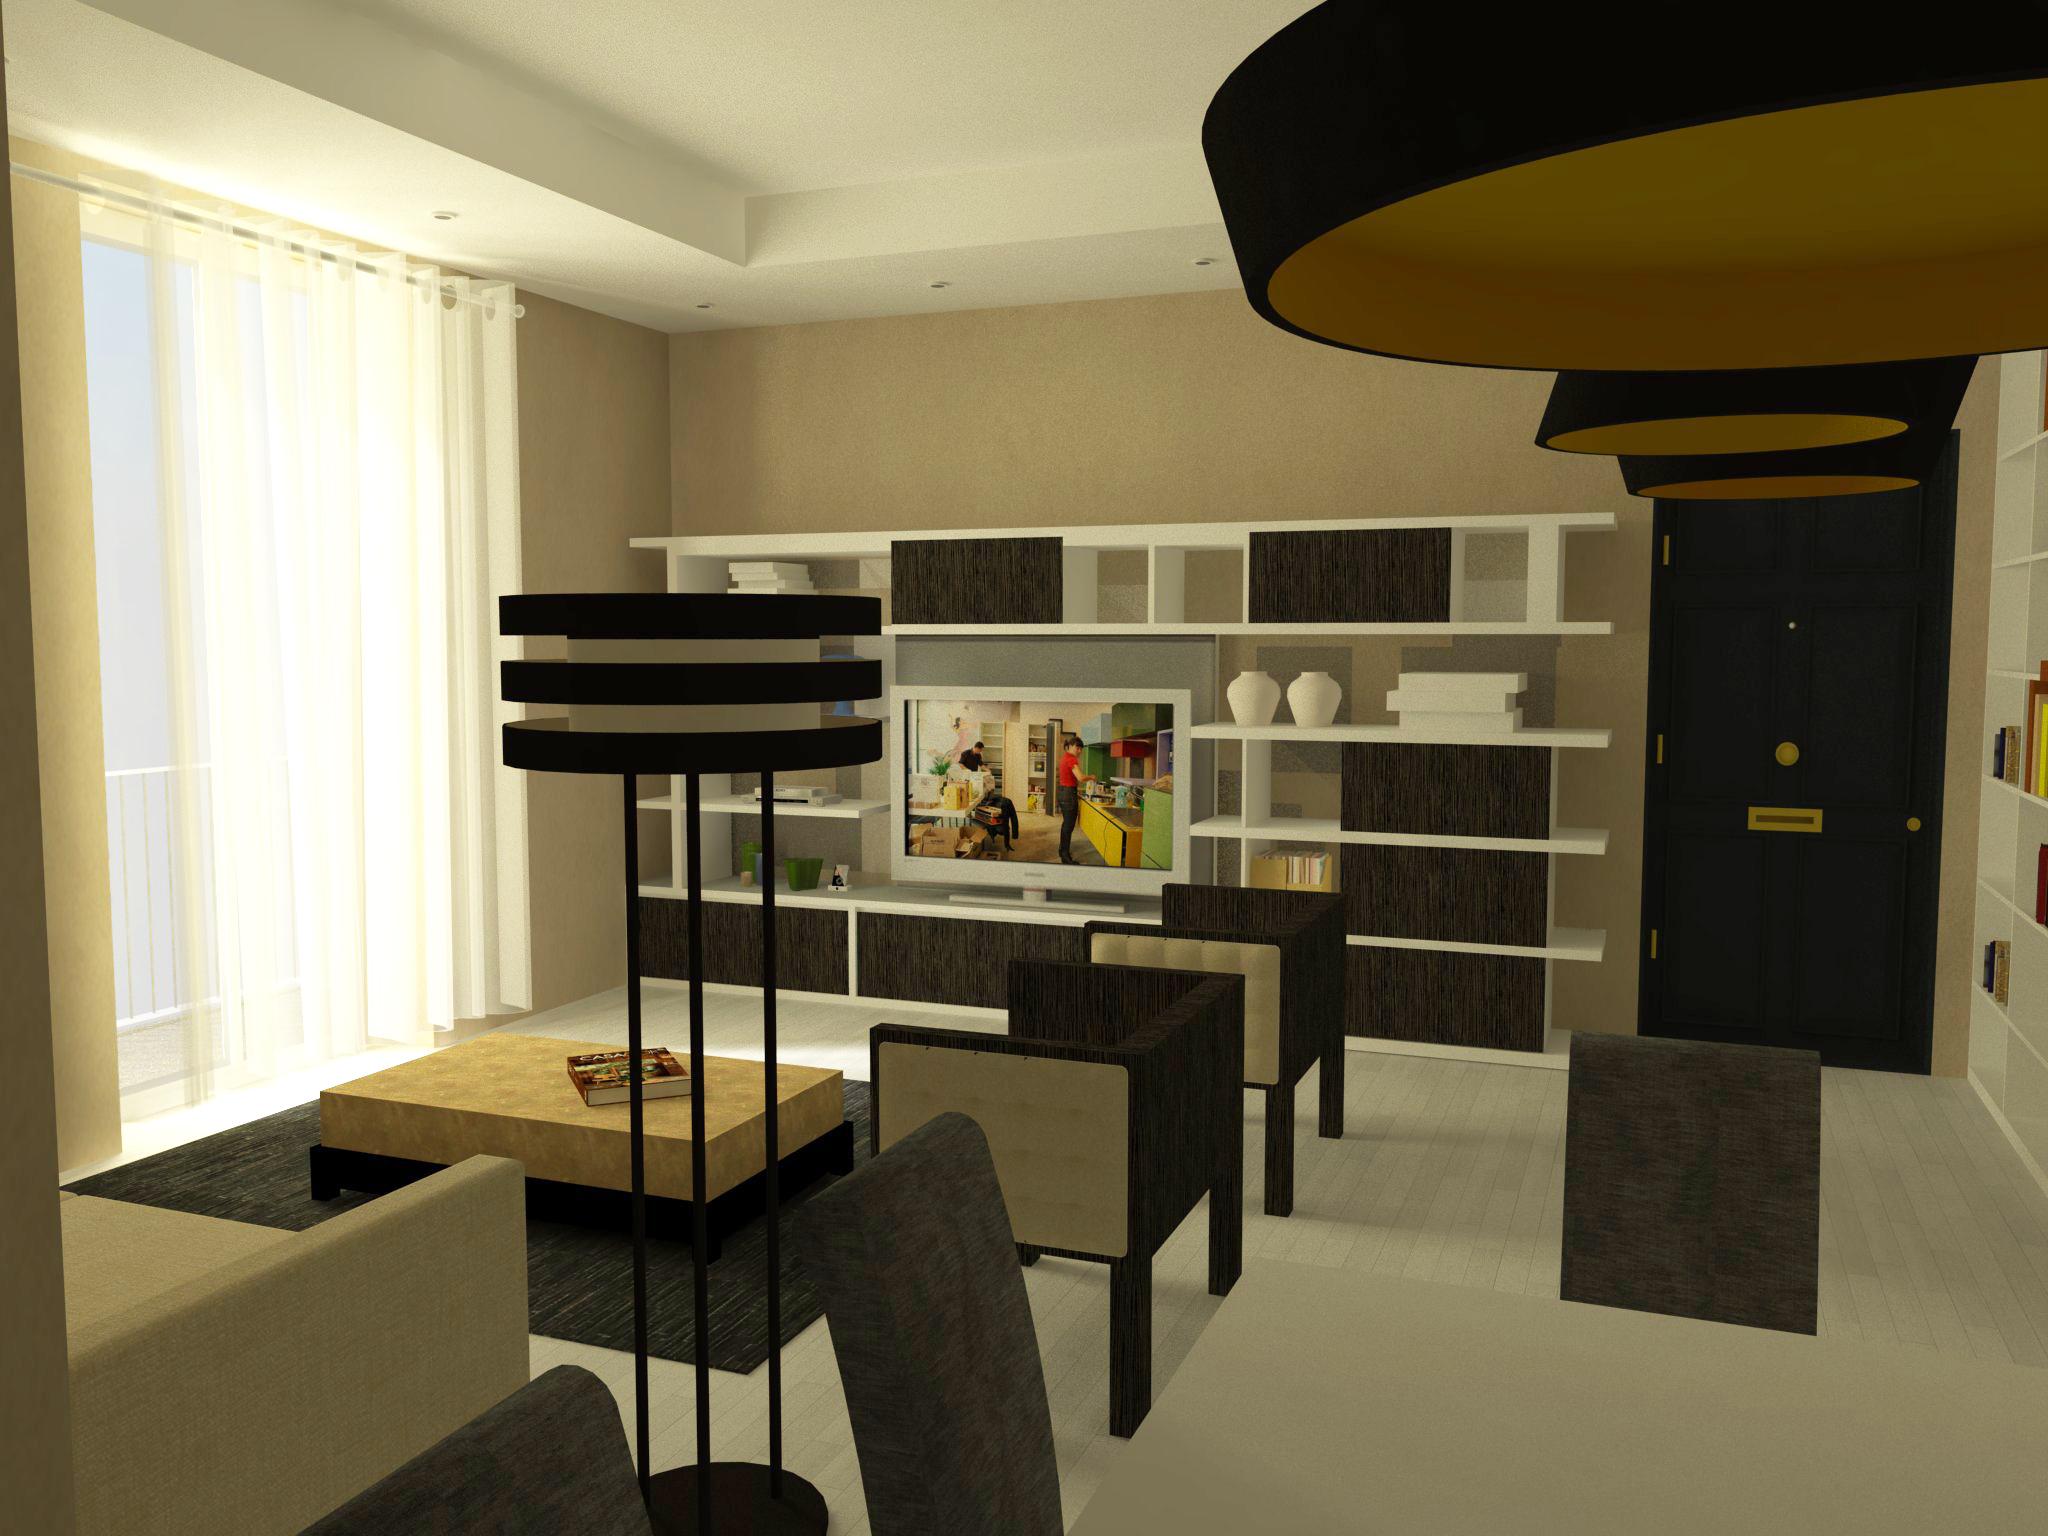 15 idee per ristrutturare un appartamento da cima a fondo for Idee appartamento